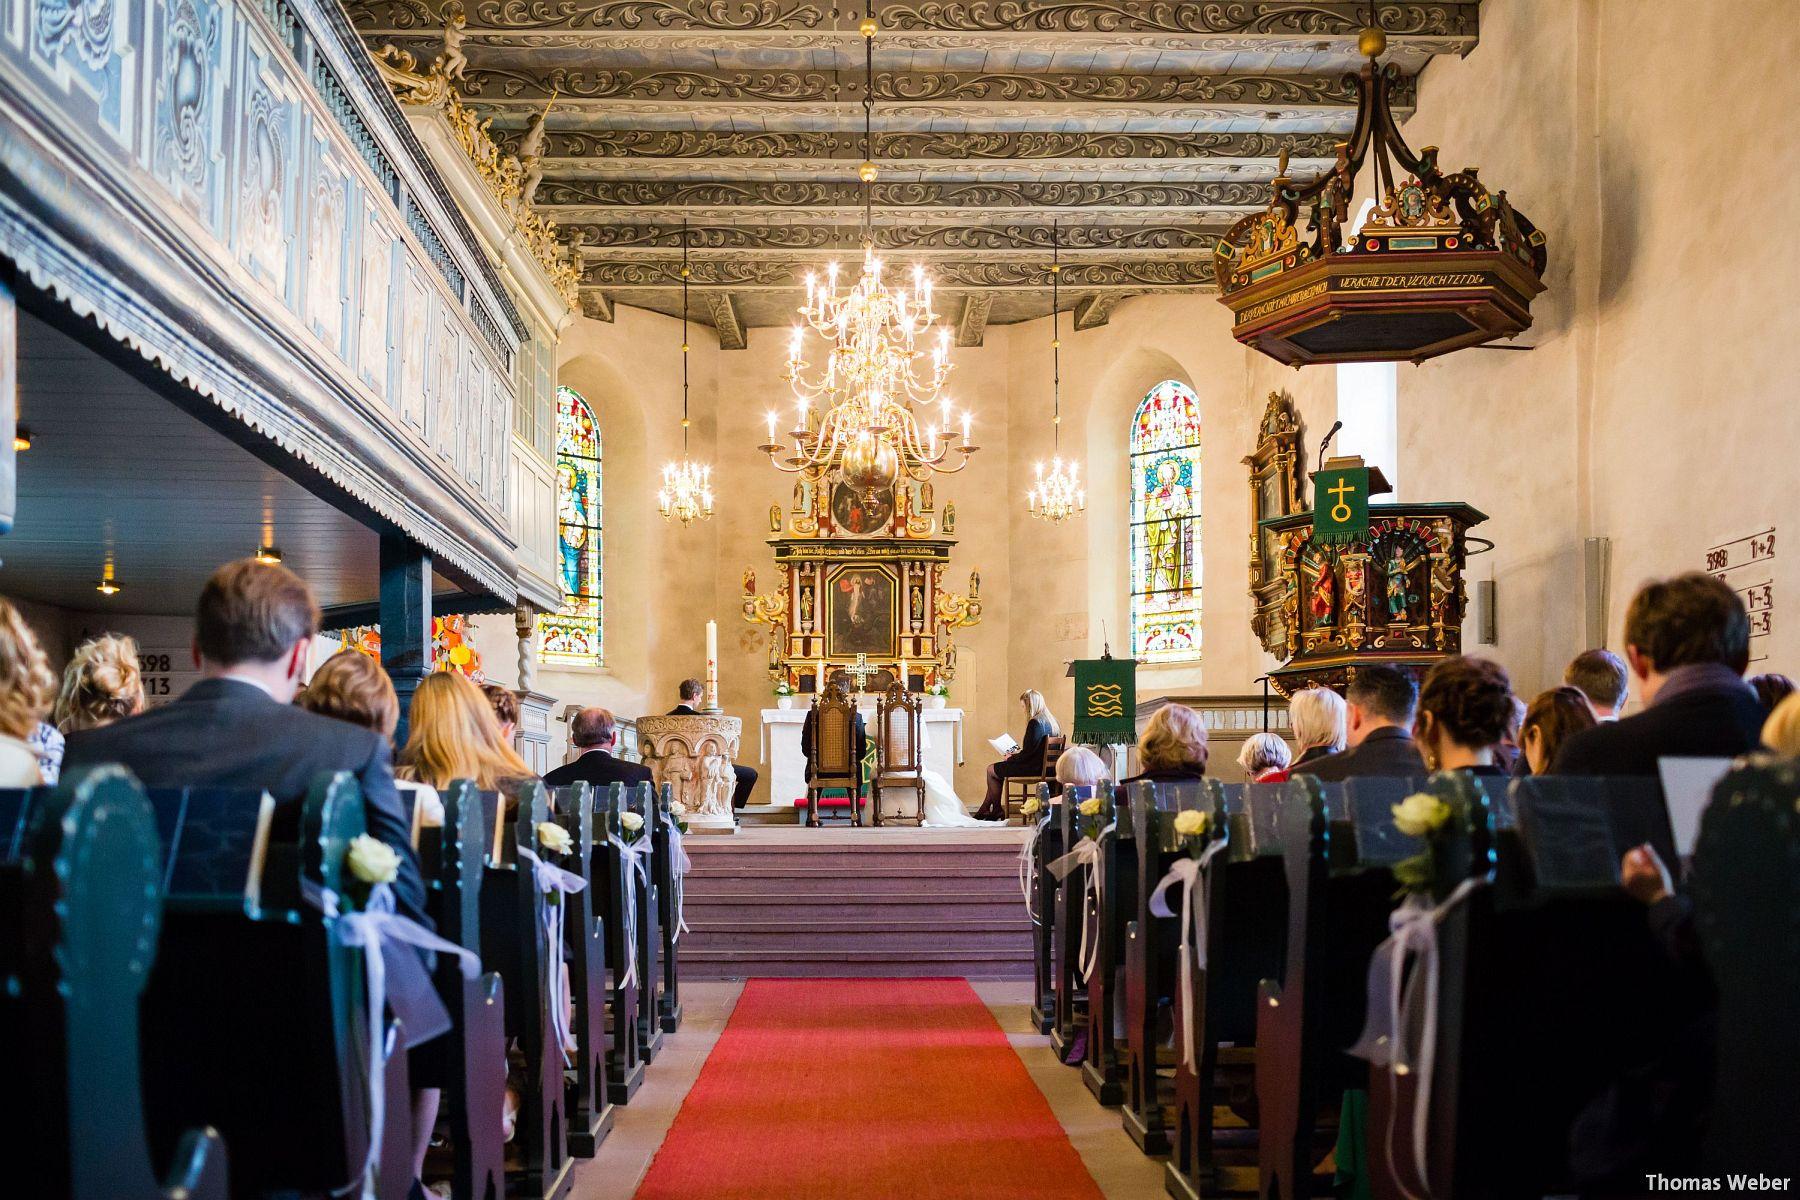 Hochzeitsfotograf Rastede: Kirchliche Trauung in der St. Ulrichs Kirche Rastede und Hochzeitsfeier in der Eventscheune St Georg Rastede mit dem Catering von Split Food (Michael Niebuhr) aus Oldenburg (22)